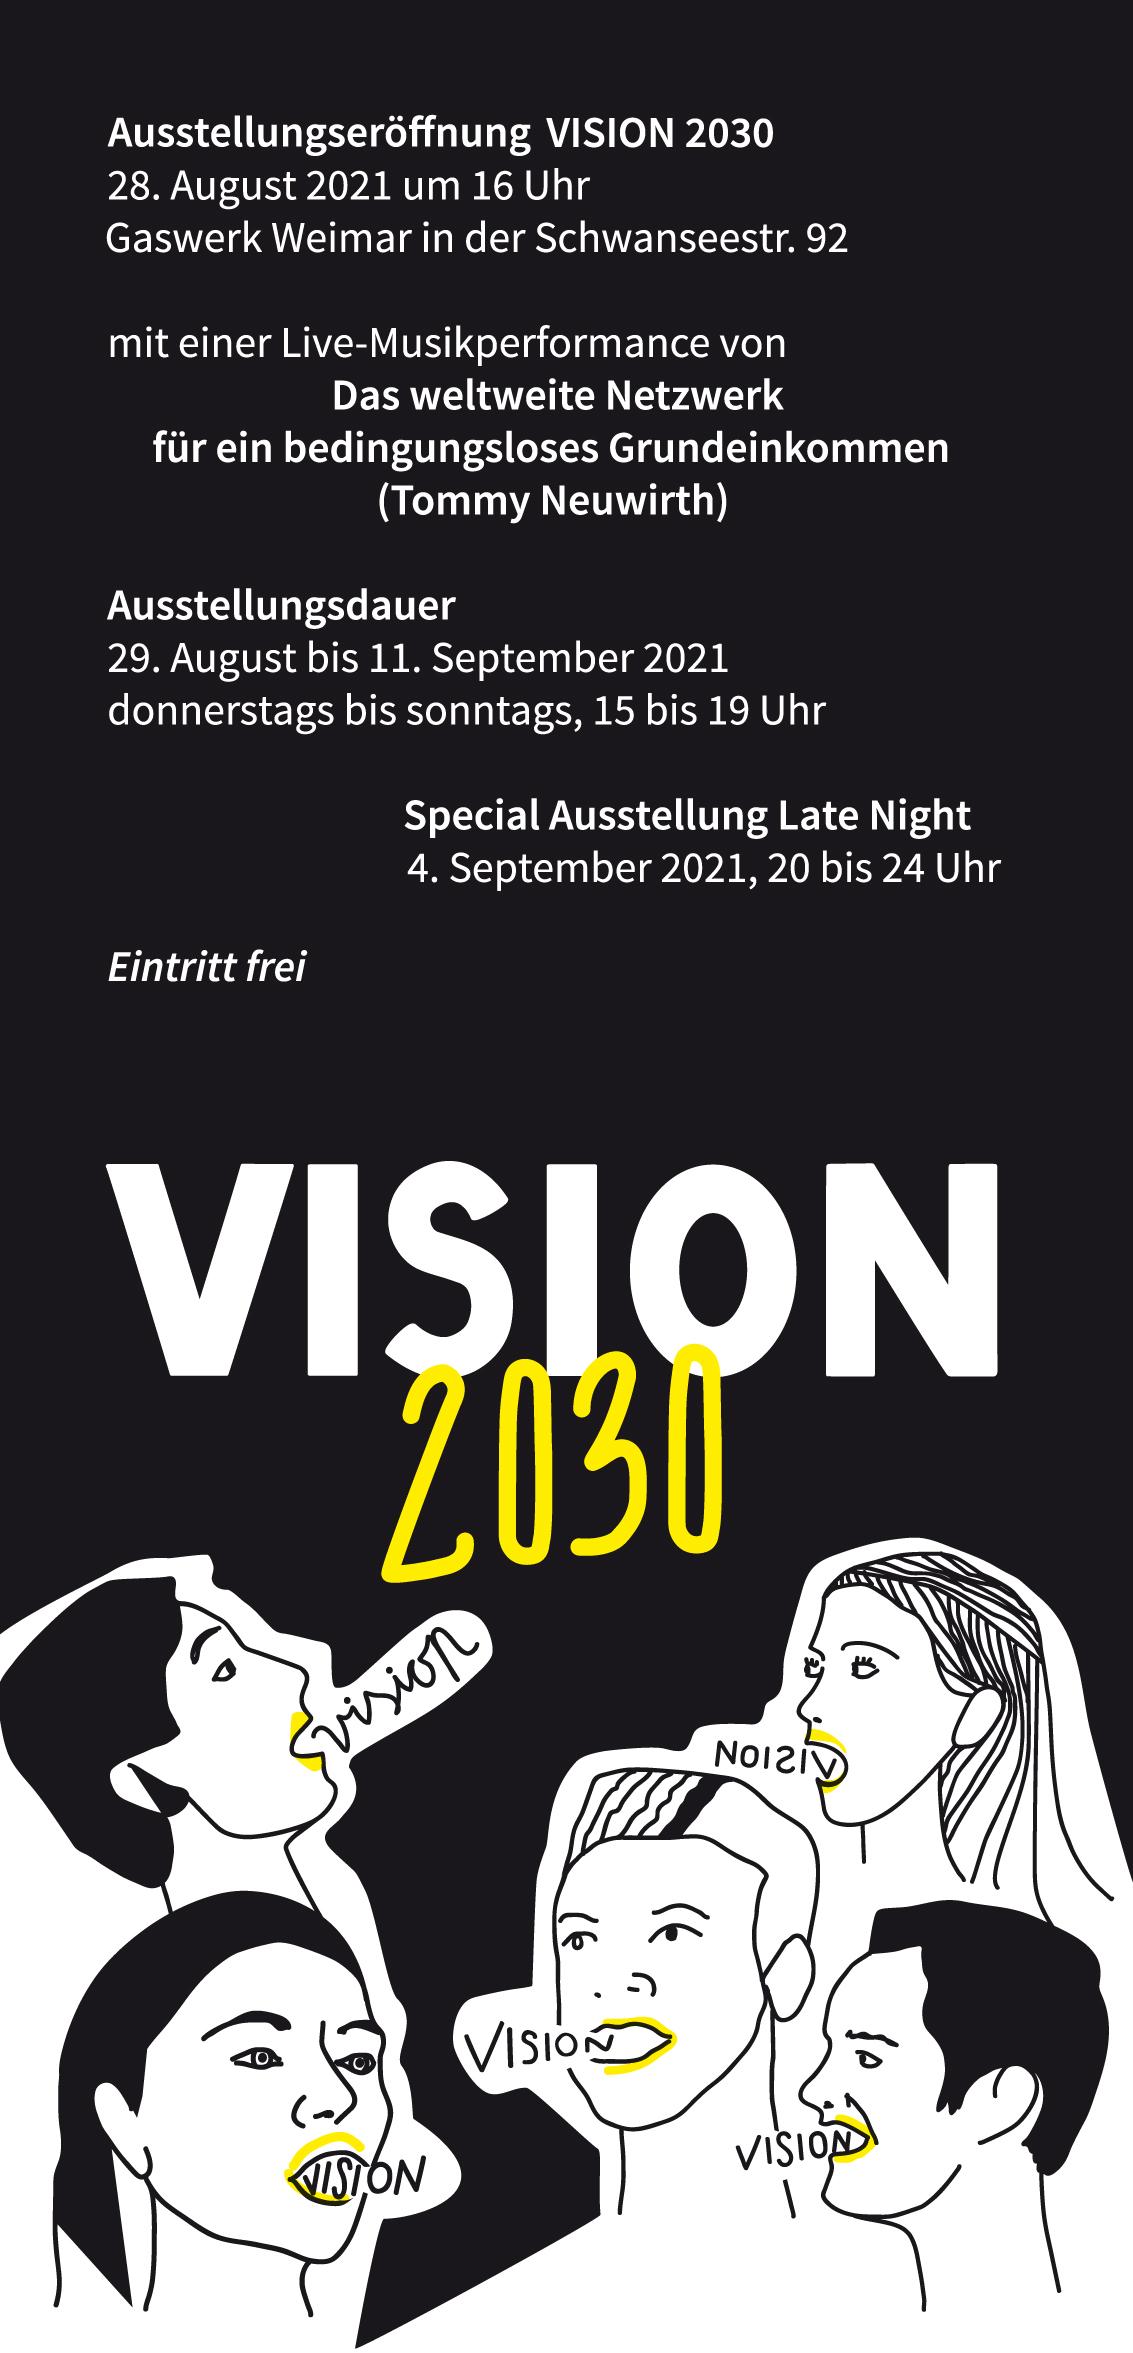 Kunstfest Weimar 2021